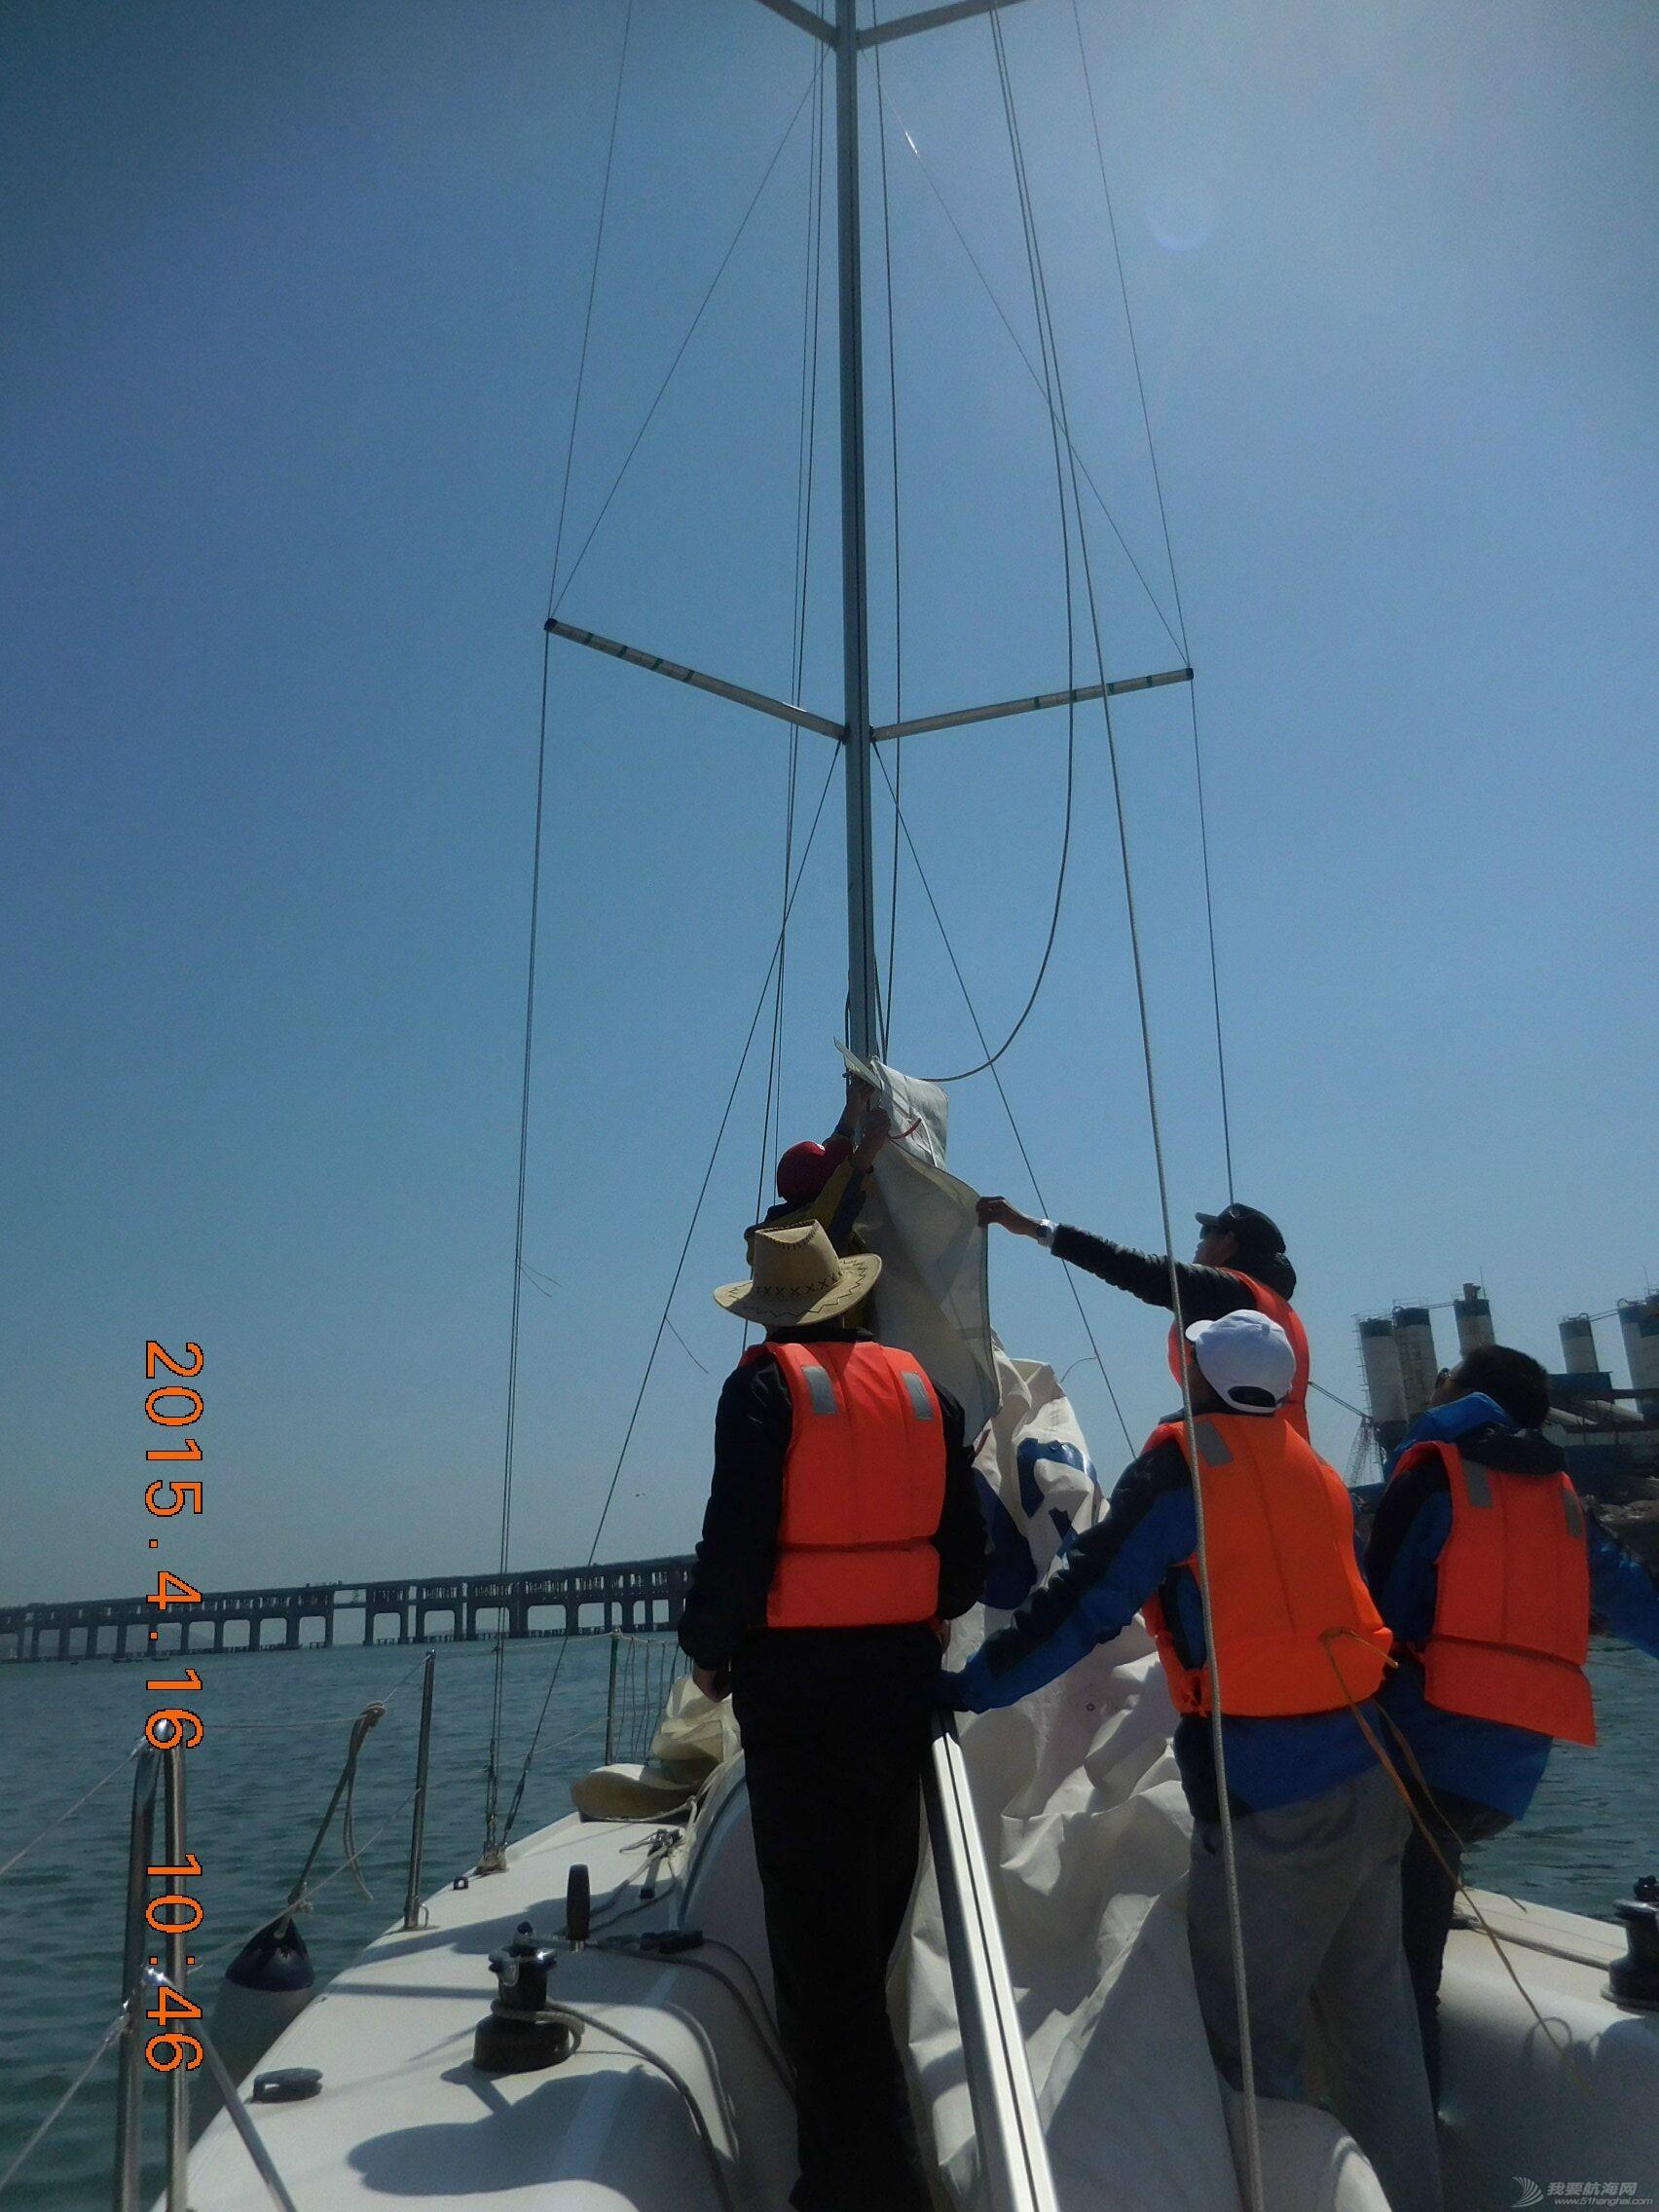 大连海事,大学,帆船 大连海事大学帆船队2015年第三次出海训练